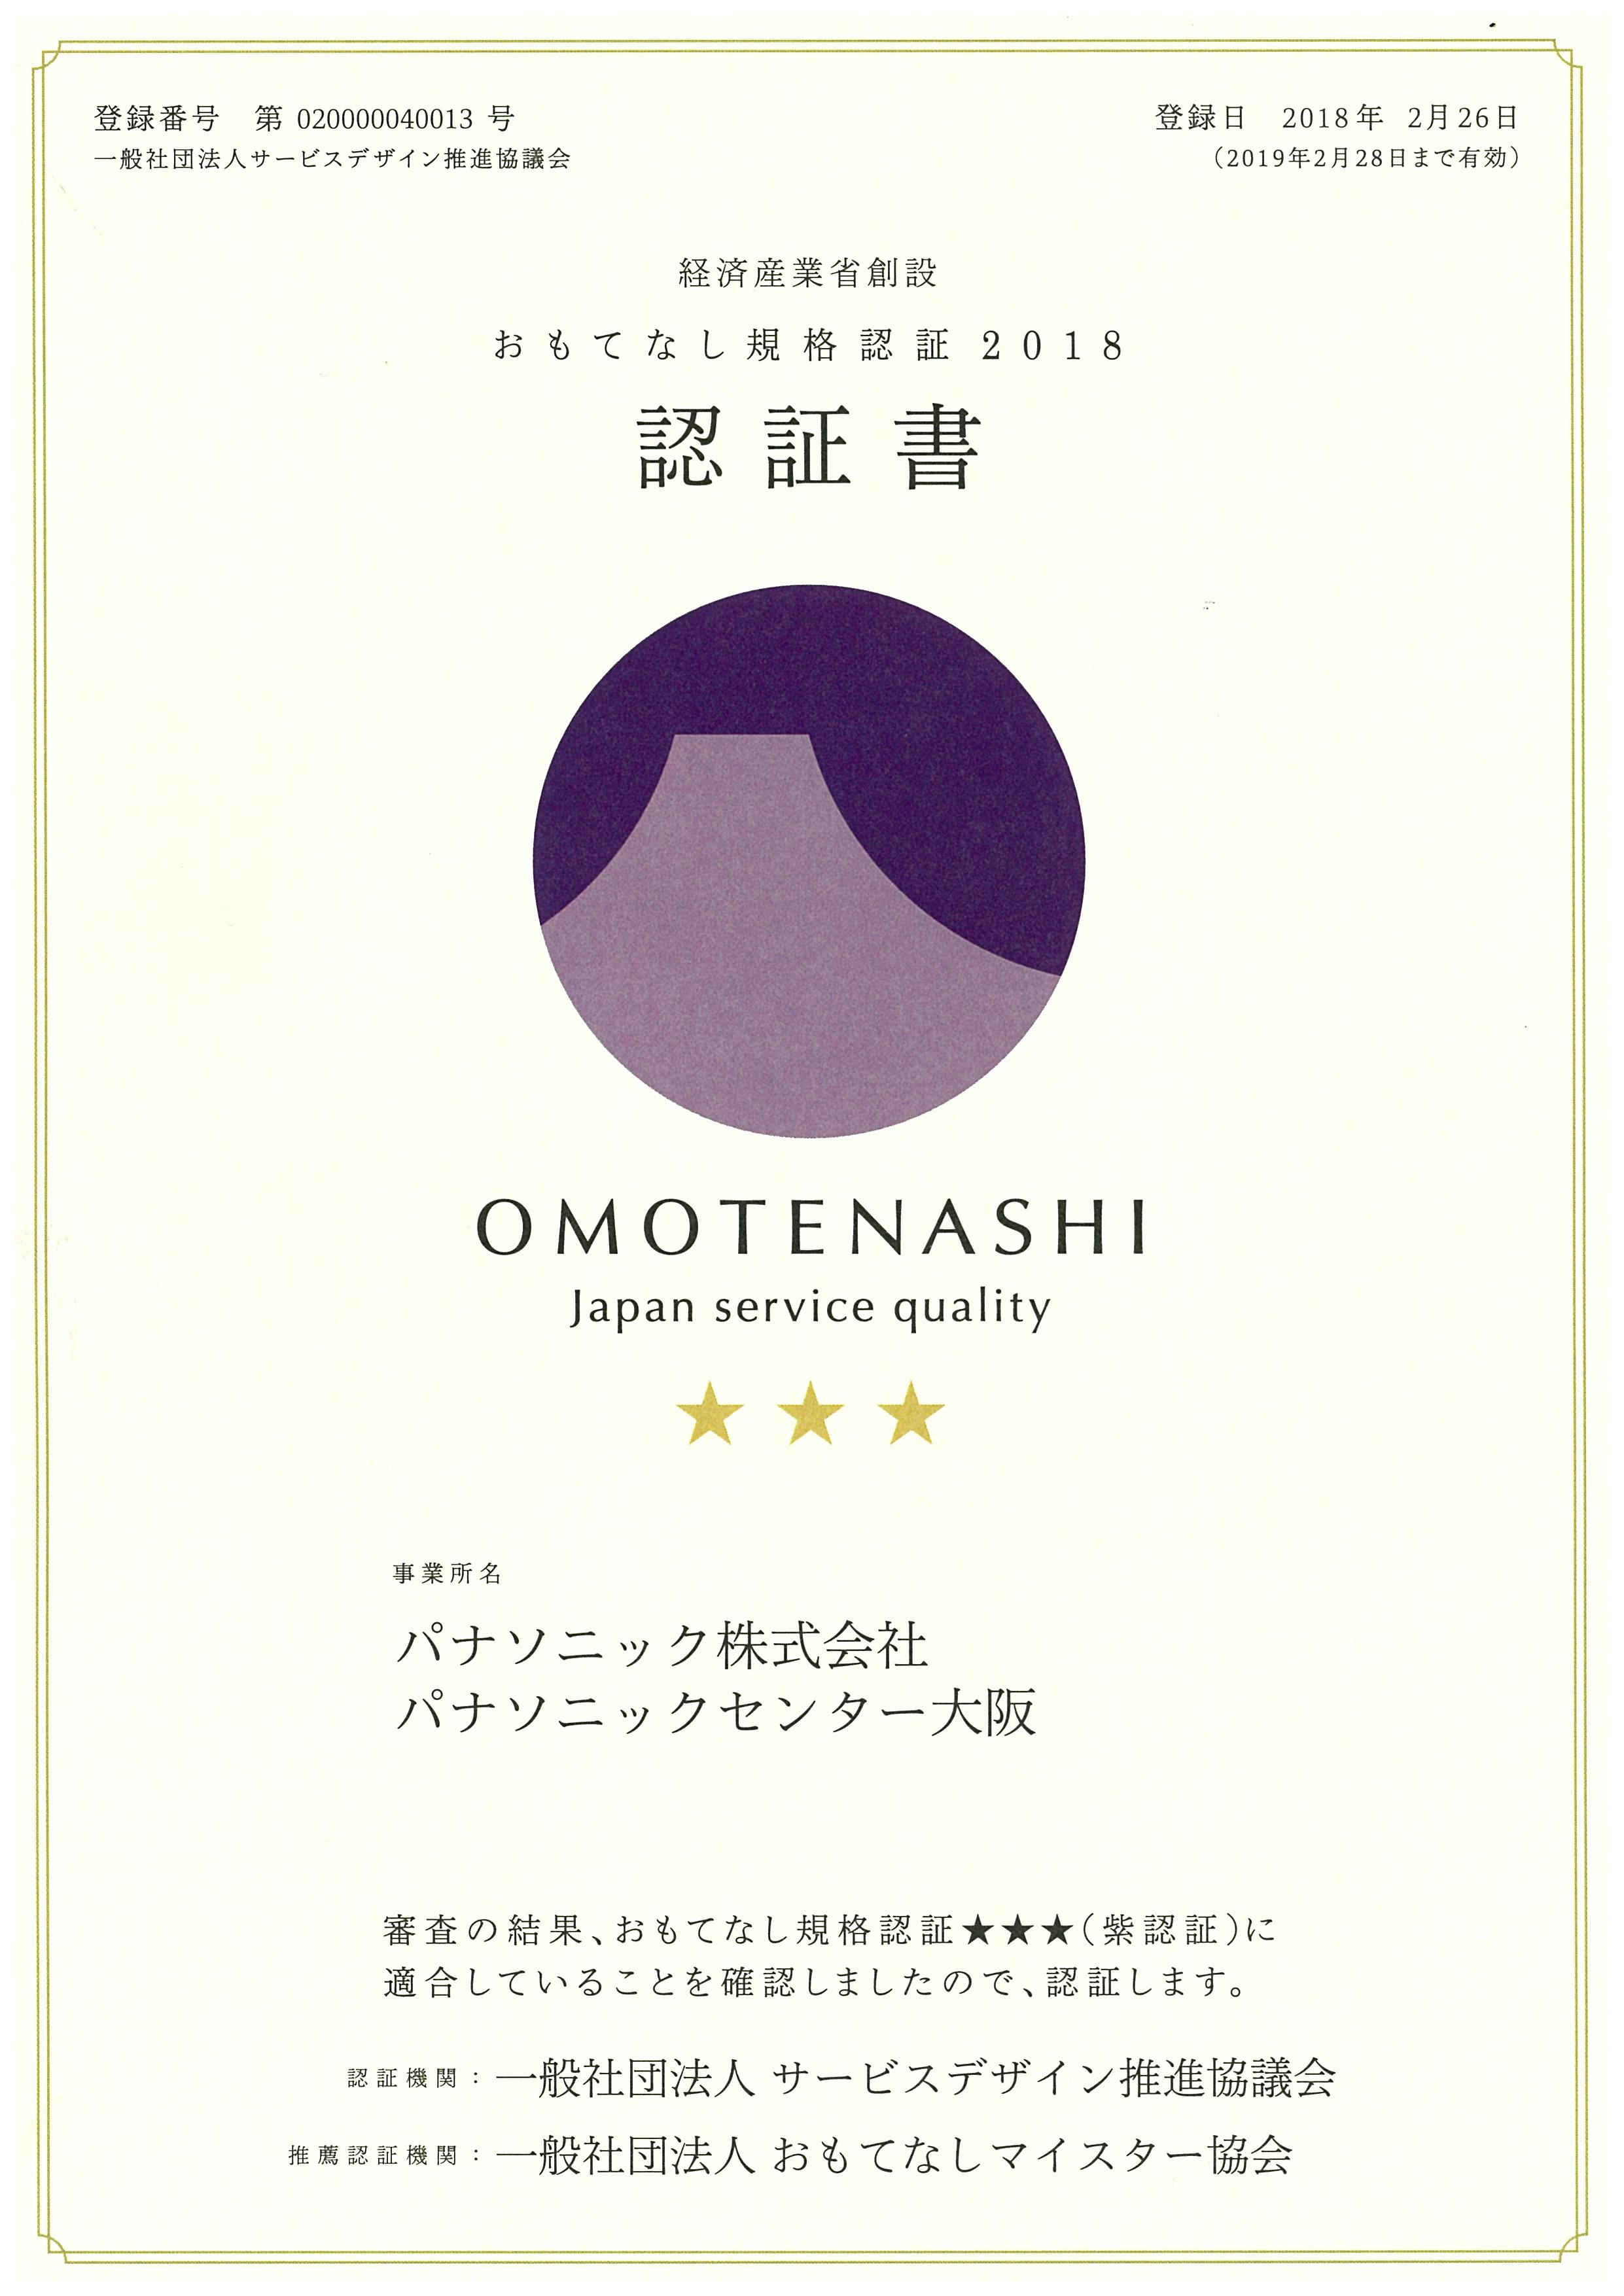 パナソニックセンター大阪が「おもてなし規格認証 2018」紫認証を取得